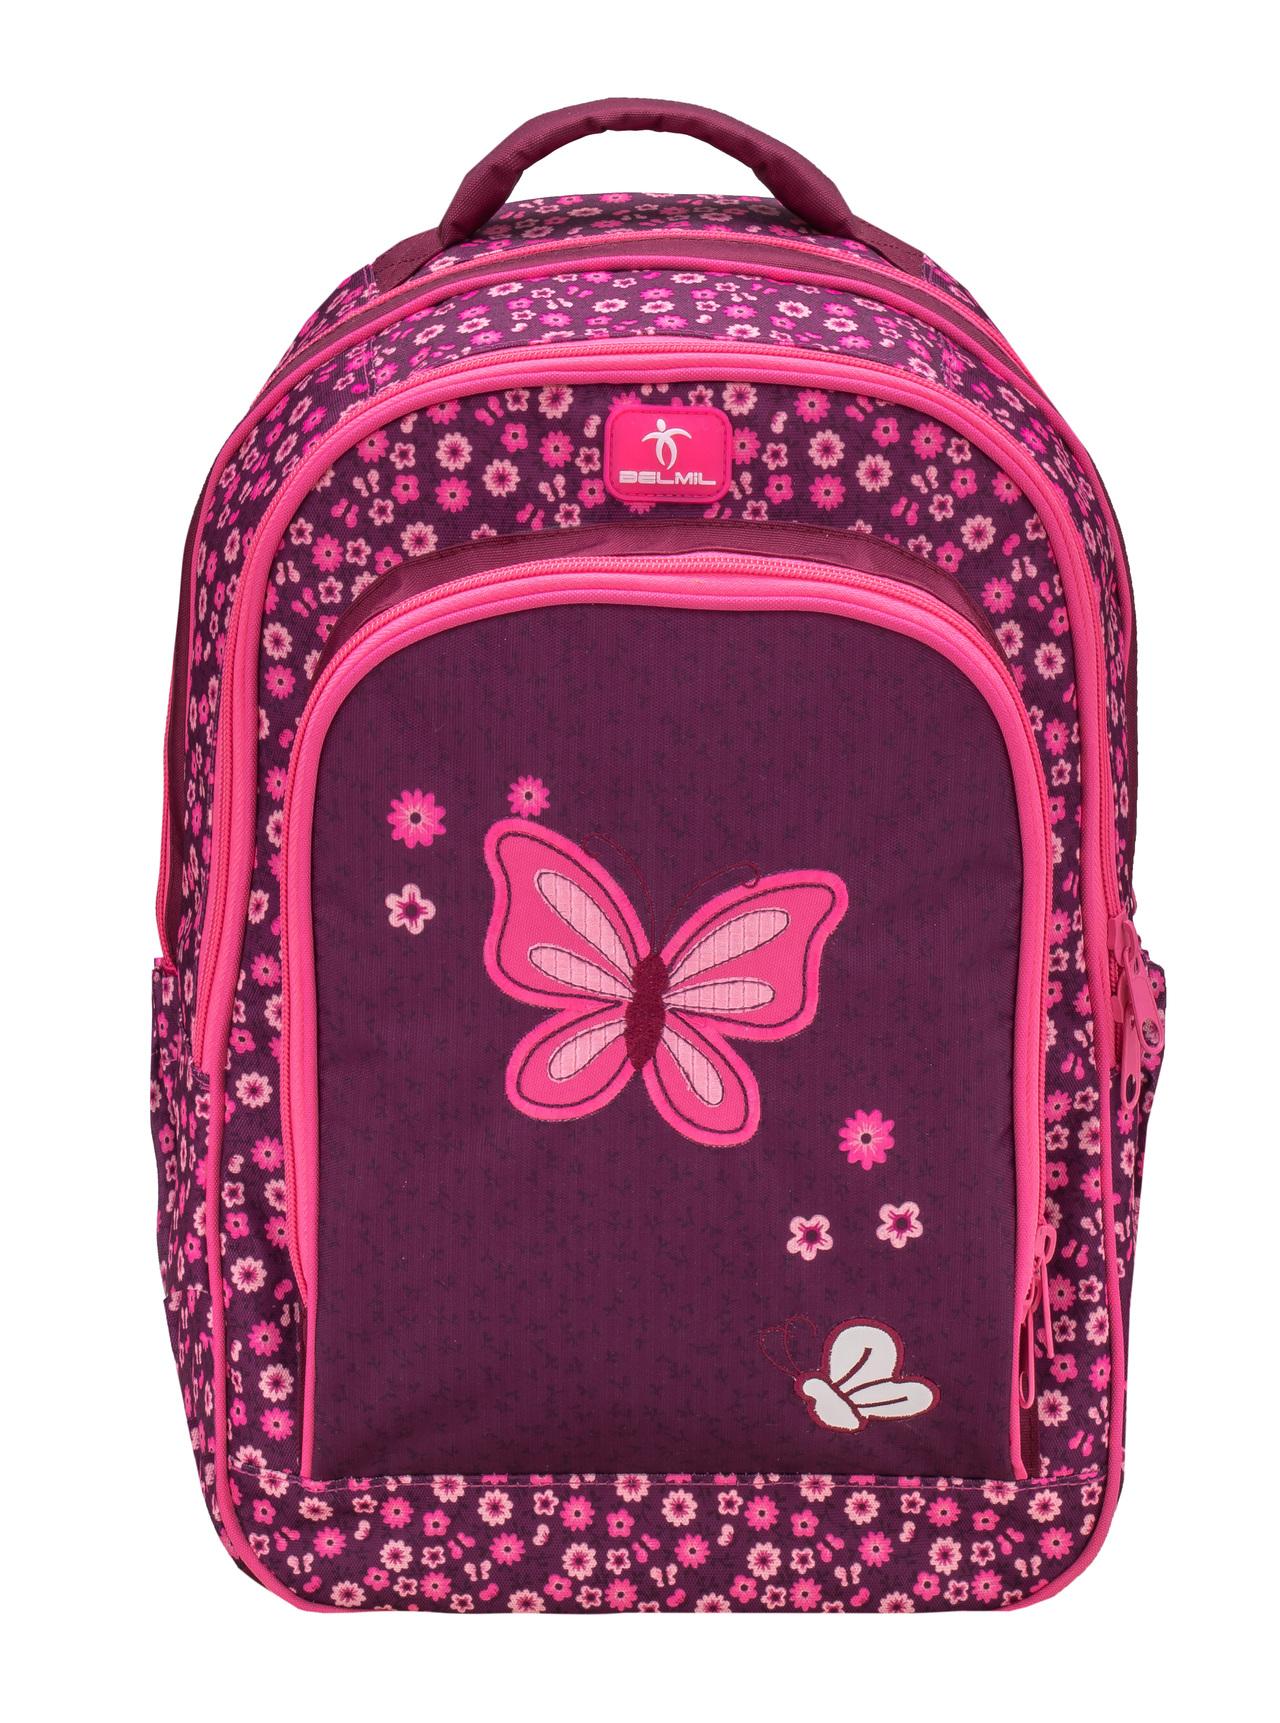 Рюкзак Belmil 338-35/602 Бабочка Butterfly, - фото 2